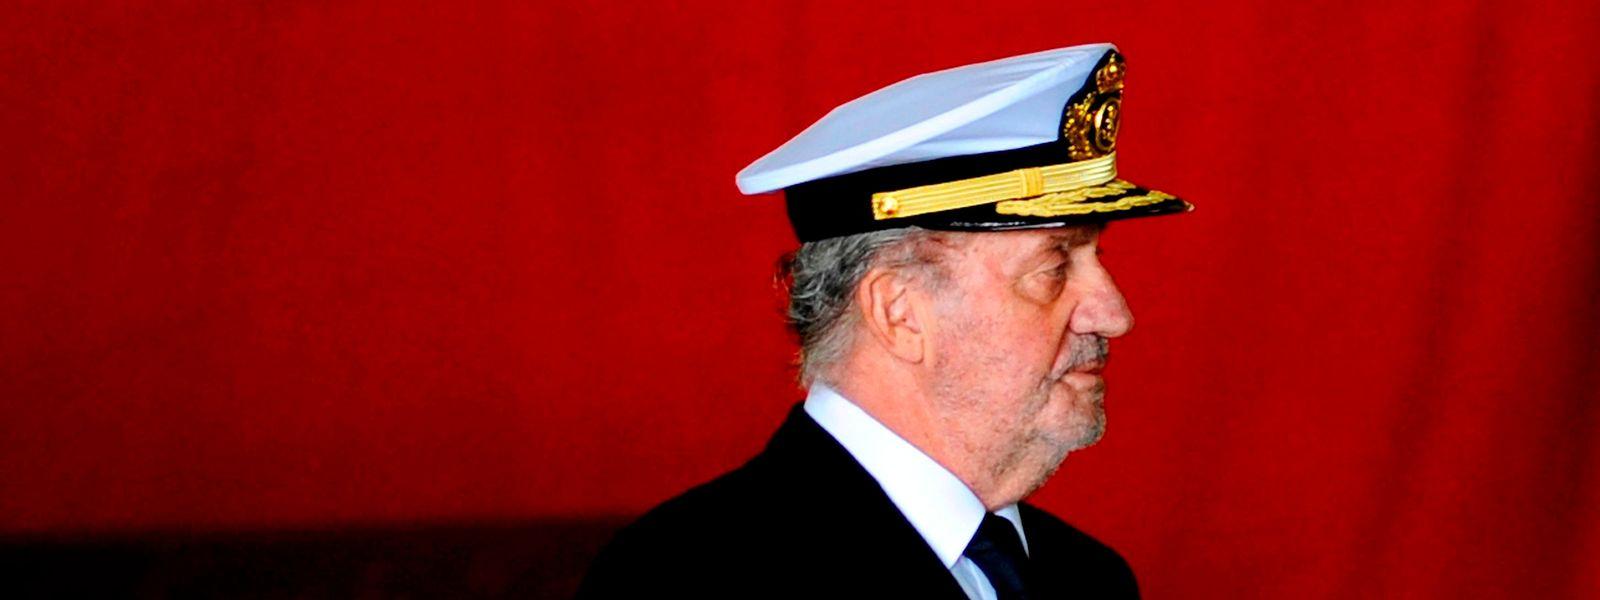 Der Altkönig Juan Carlos der I. vor der spanischen Flagge.